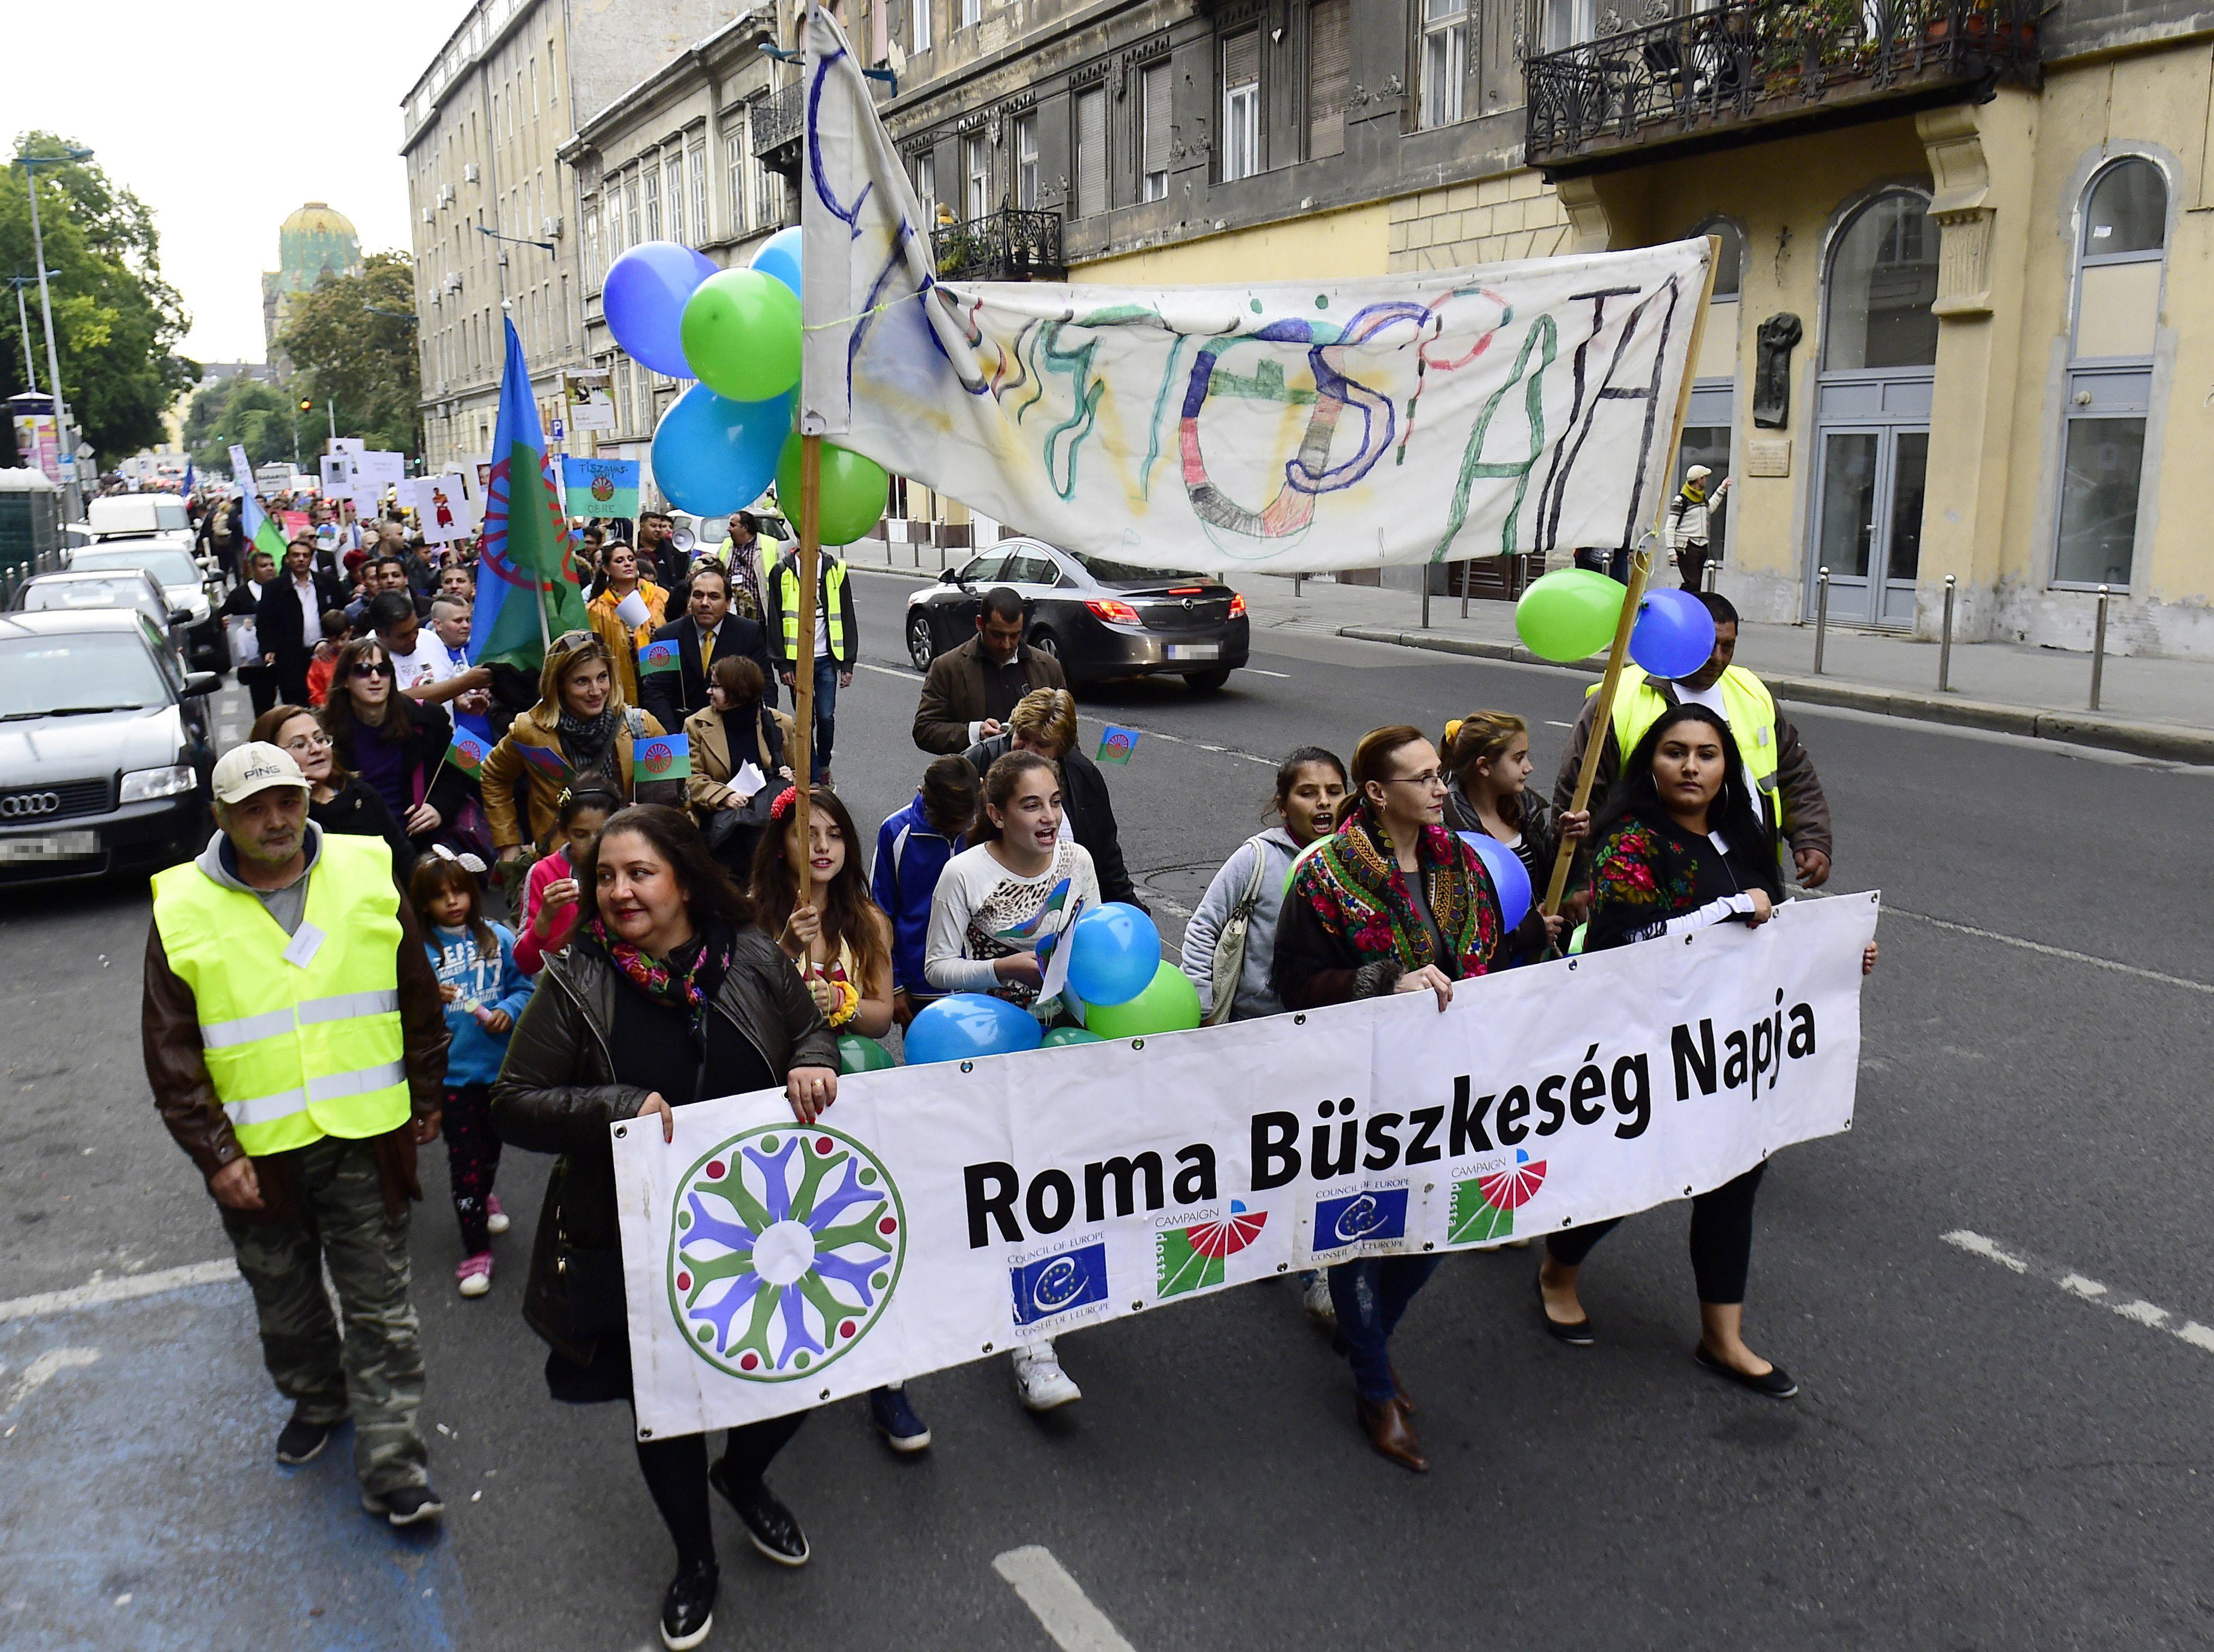 Roma szervezetek aláírásgyűjtést indítottak, hogy állítsák vissza a tankötelezettségi korhatárt 18 évre